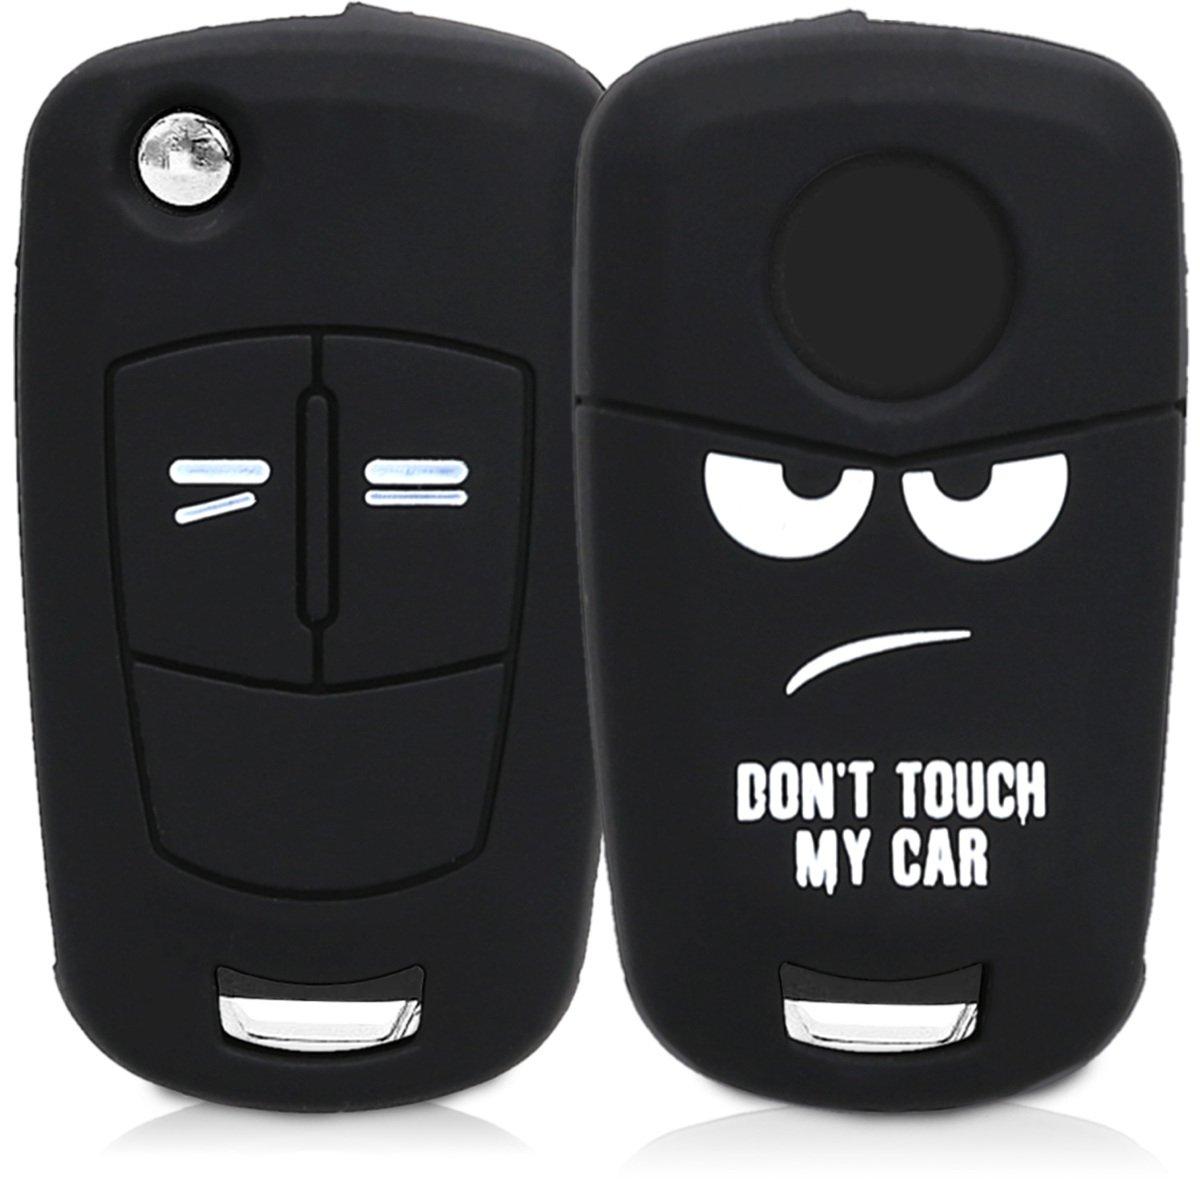 kwmobile Funda para Llave Plegable de 2 Botones para Coche Opel Vauxhall: Amazon.es: Electrónica